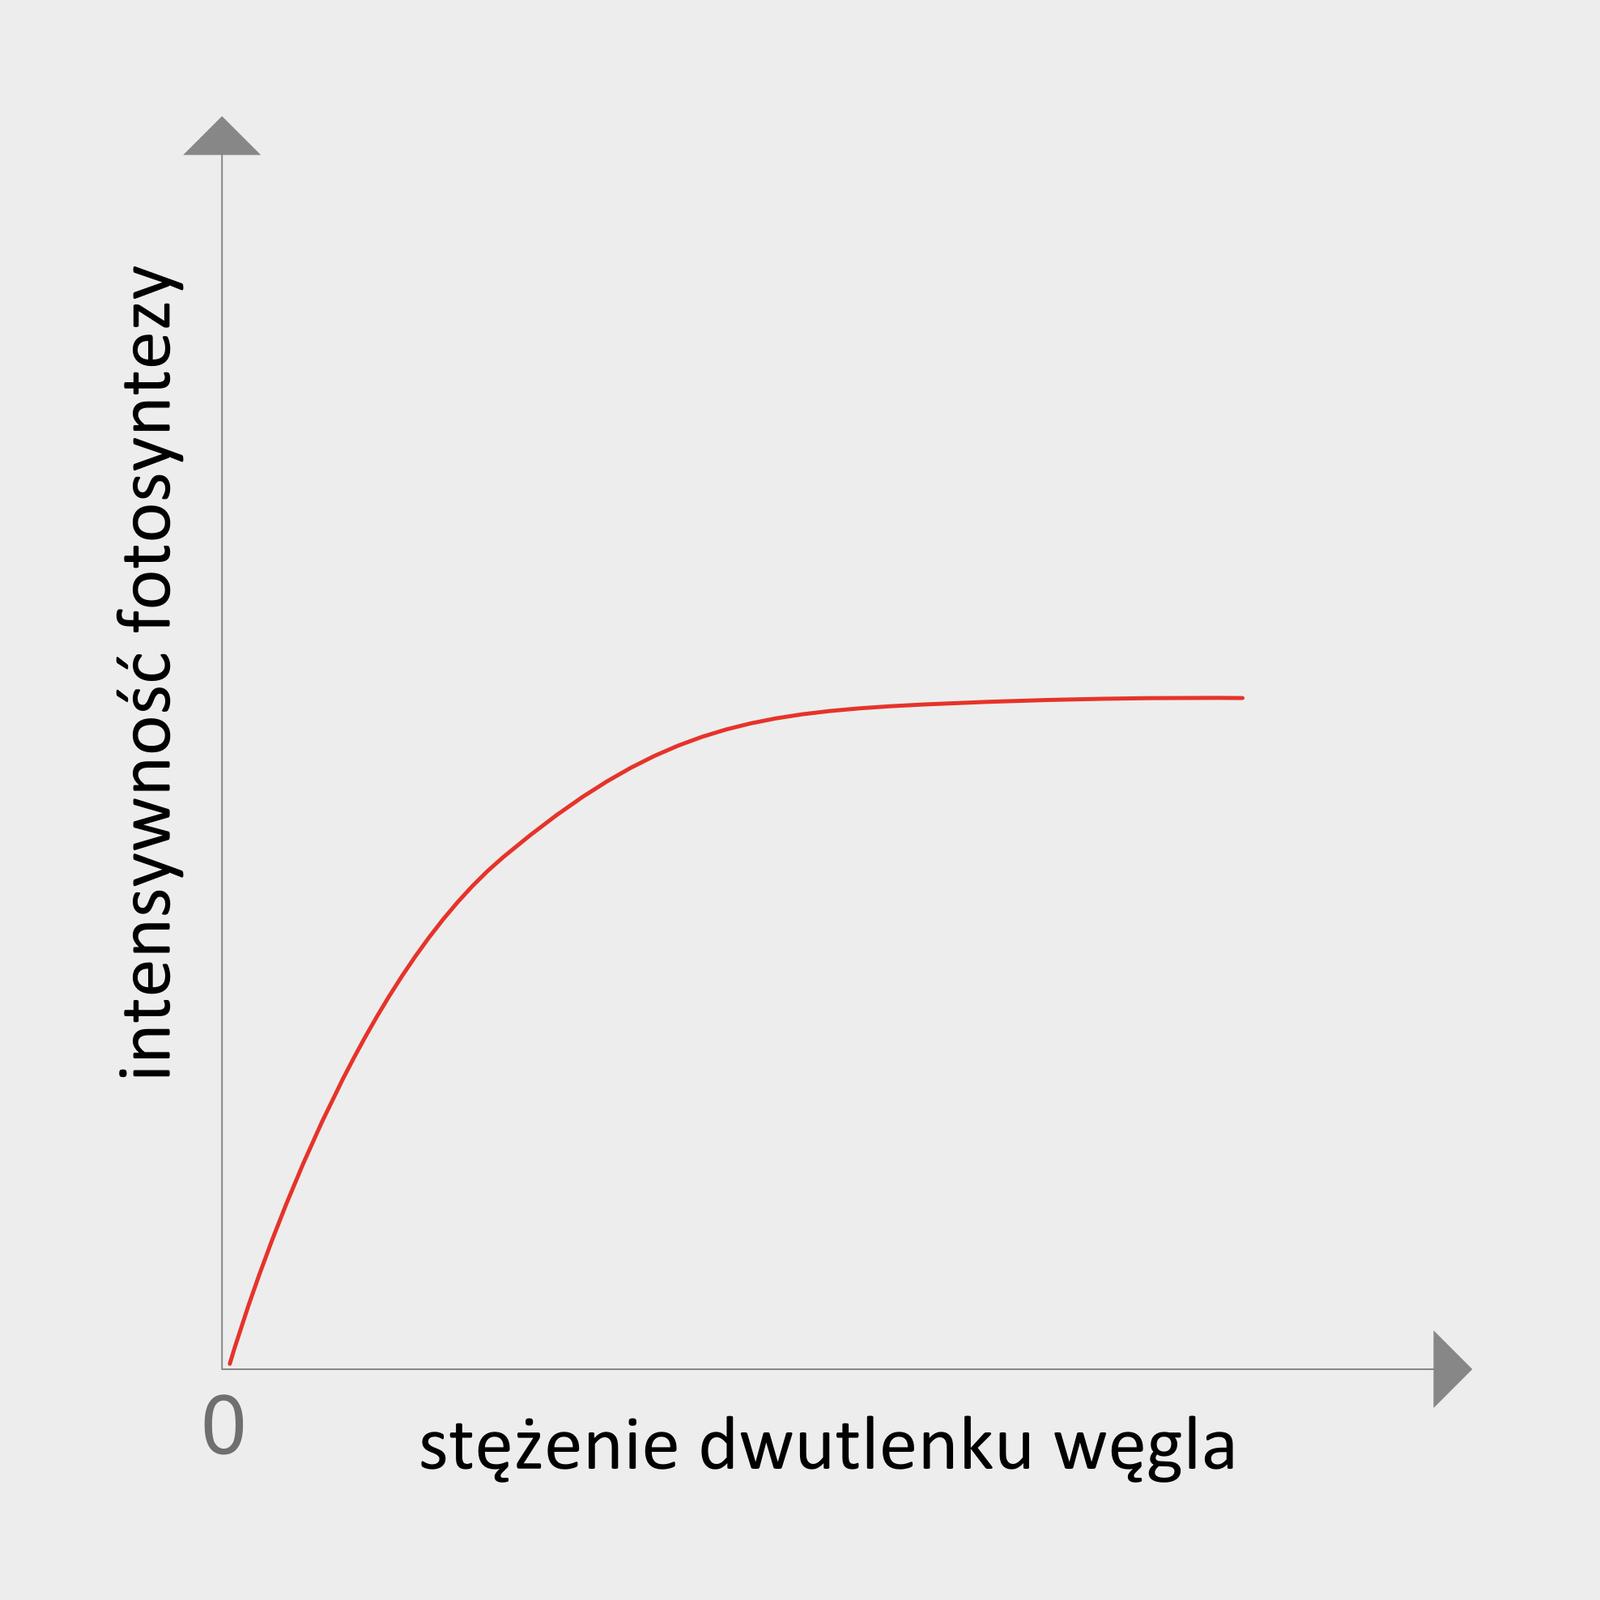 Ilustracja przedstawia wykres, na którym oś Xpodpisano jako stężenie dwutlenku węgla, aoś Yjako intensywność fotosyntezy. Czerwona linia wznosi się od zera do pewnego poziomu, wskazując tempo przebiegu fotosyntezy.